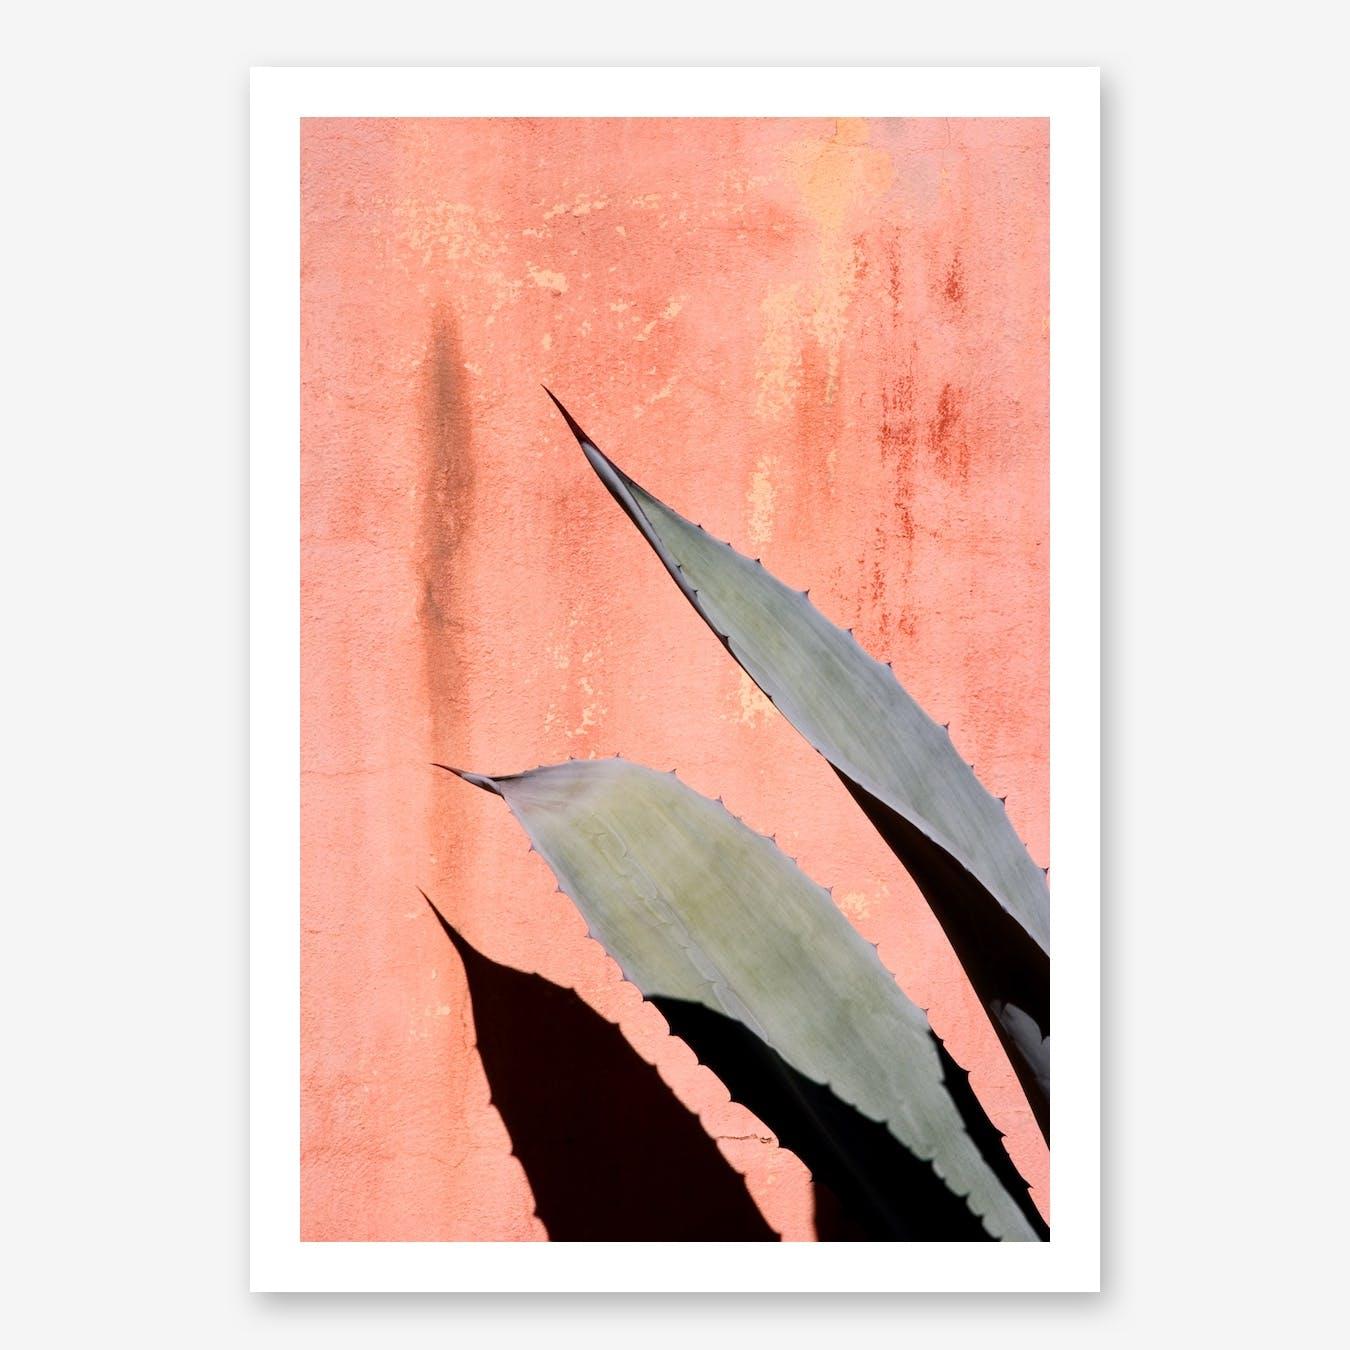 Peach Cactus In Print